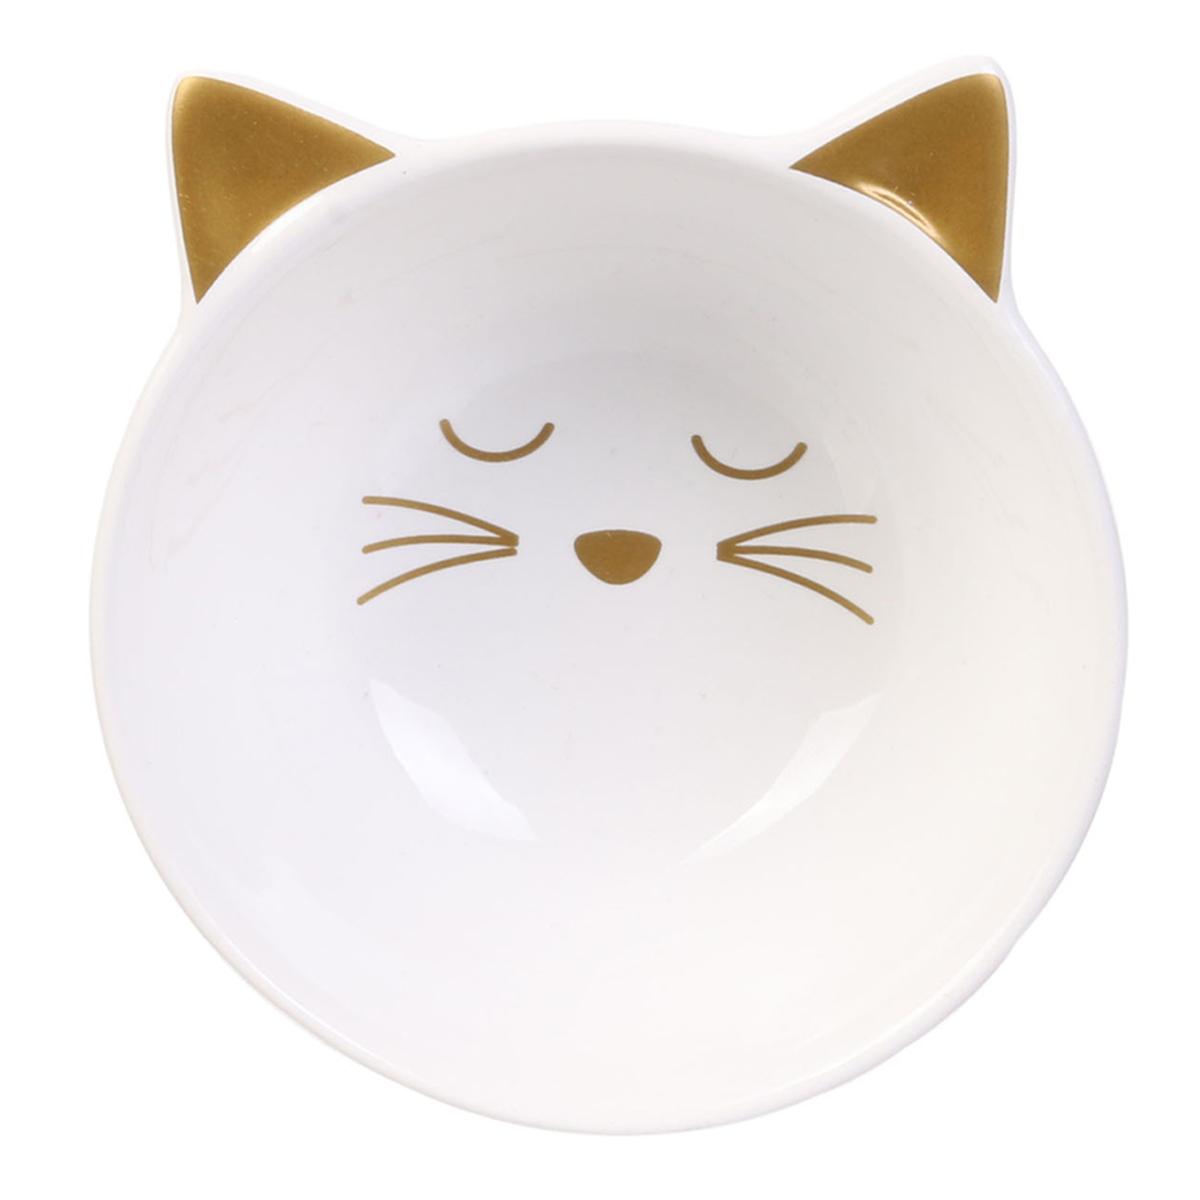 Coupelle apéro céramique \'Chats\' blanc - 10x5 cm - [A1230]